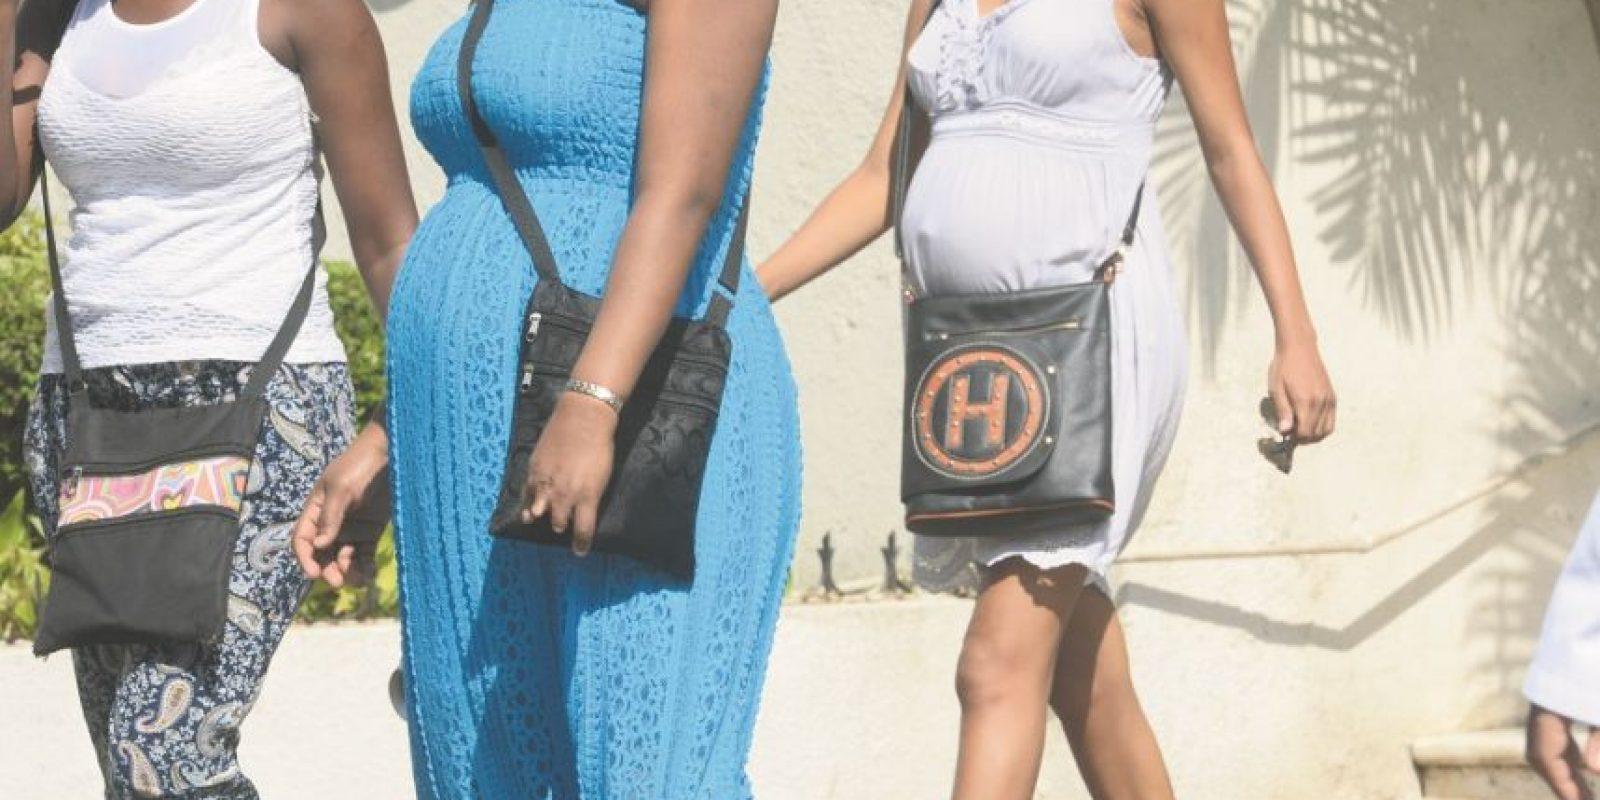 En República Dominicana hay un 21.20 % de madres menores de edad. Un 41.10 % pertenece a la clase pobre y 4.70 % se ubica en el quintil de los más ricos. Foto:cortesía